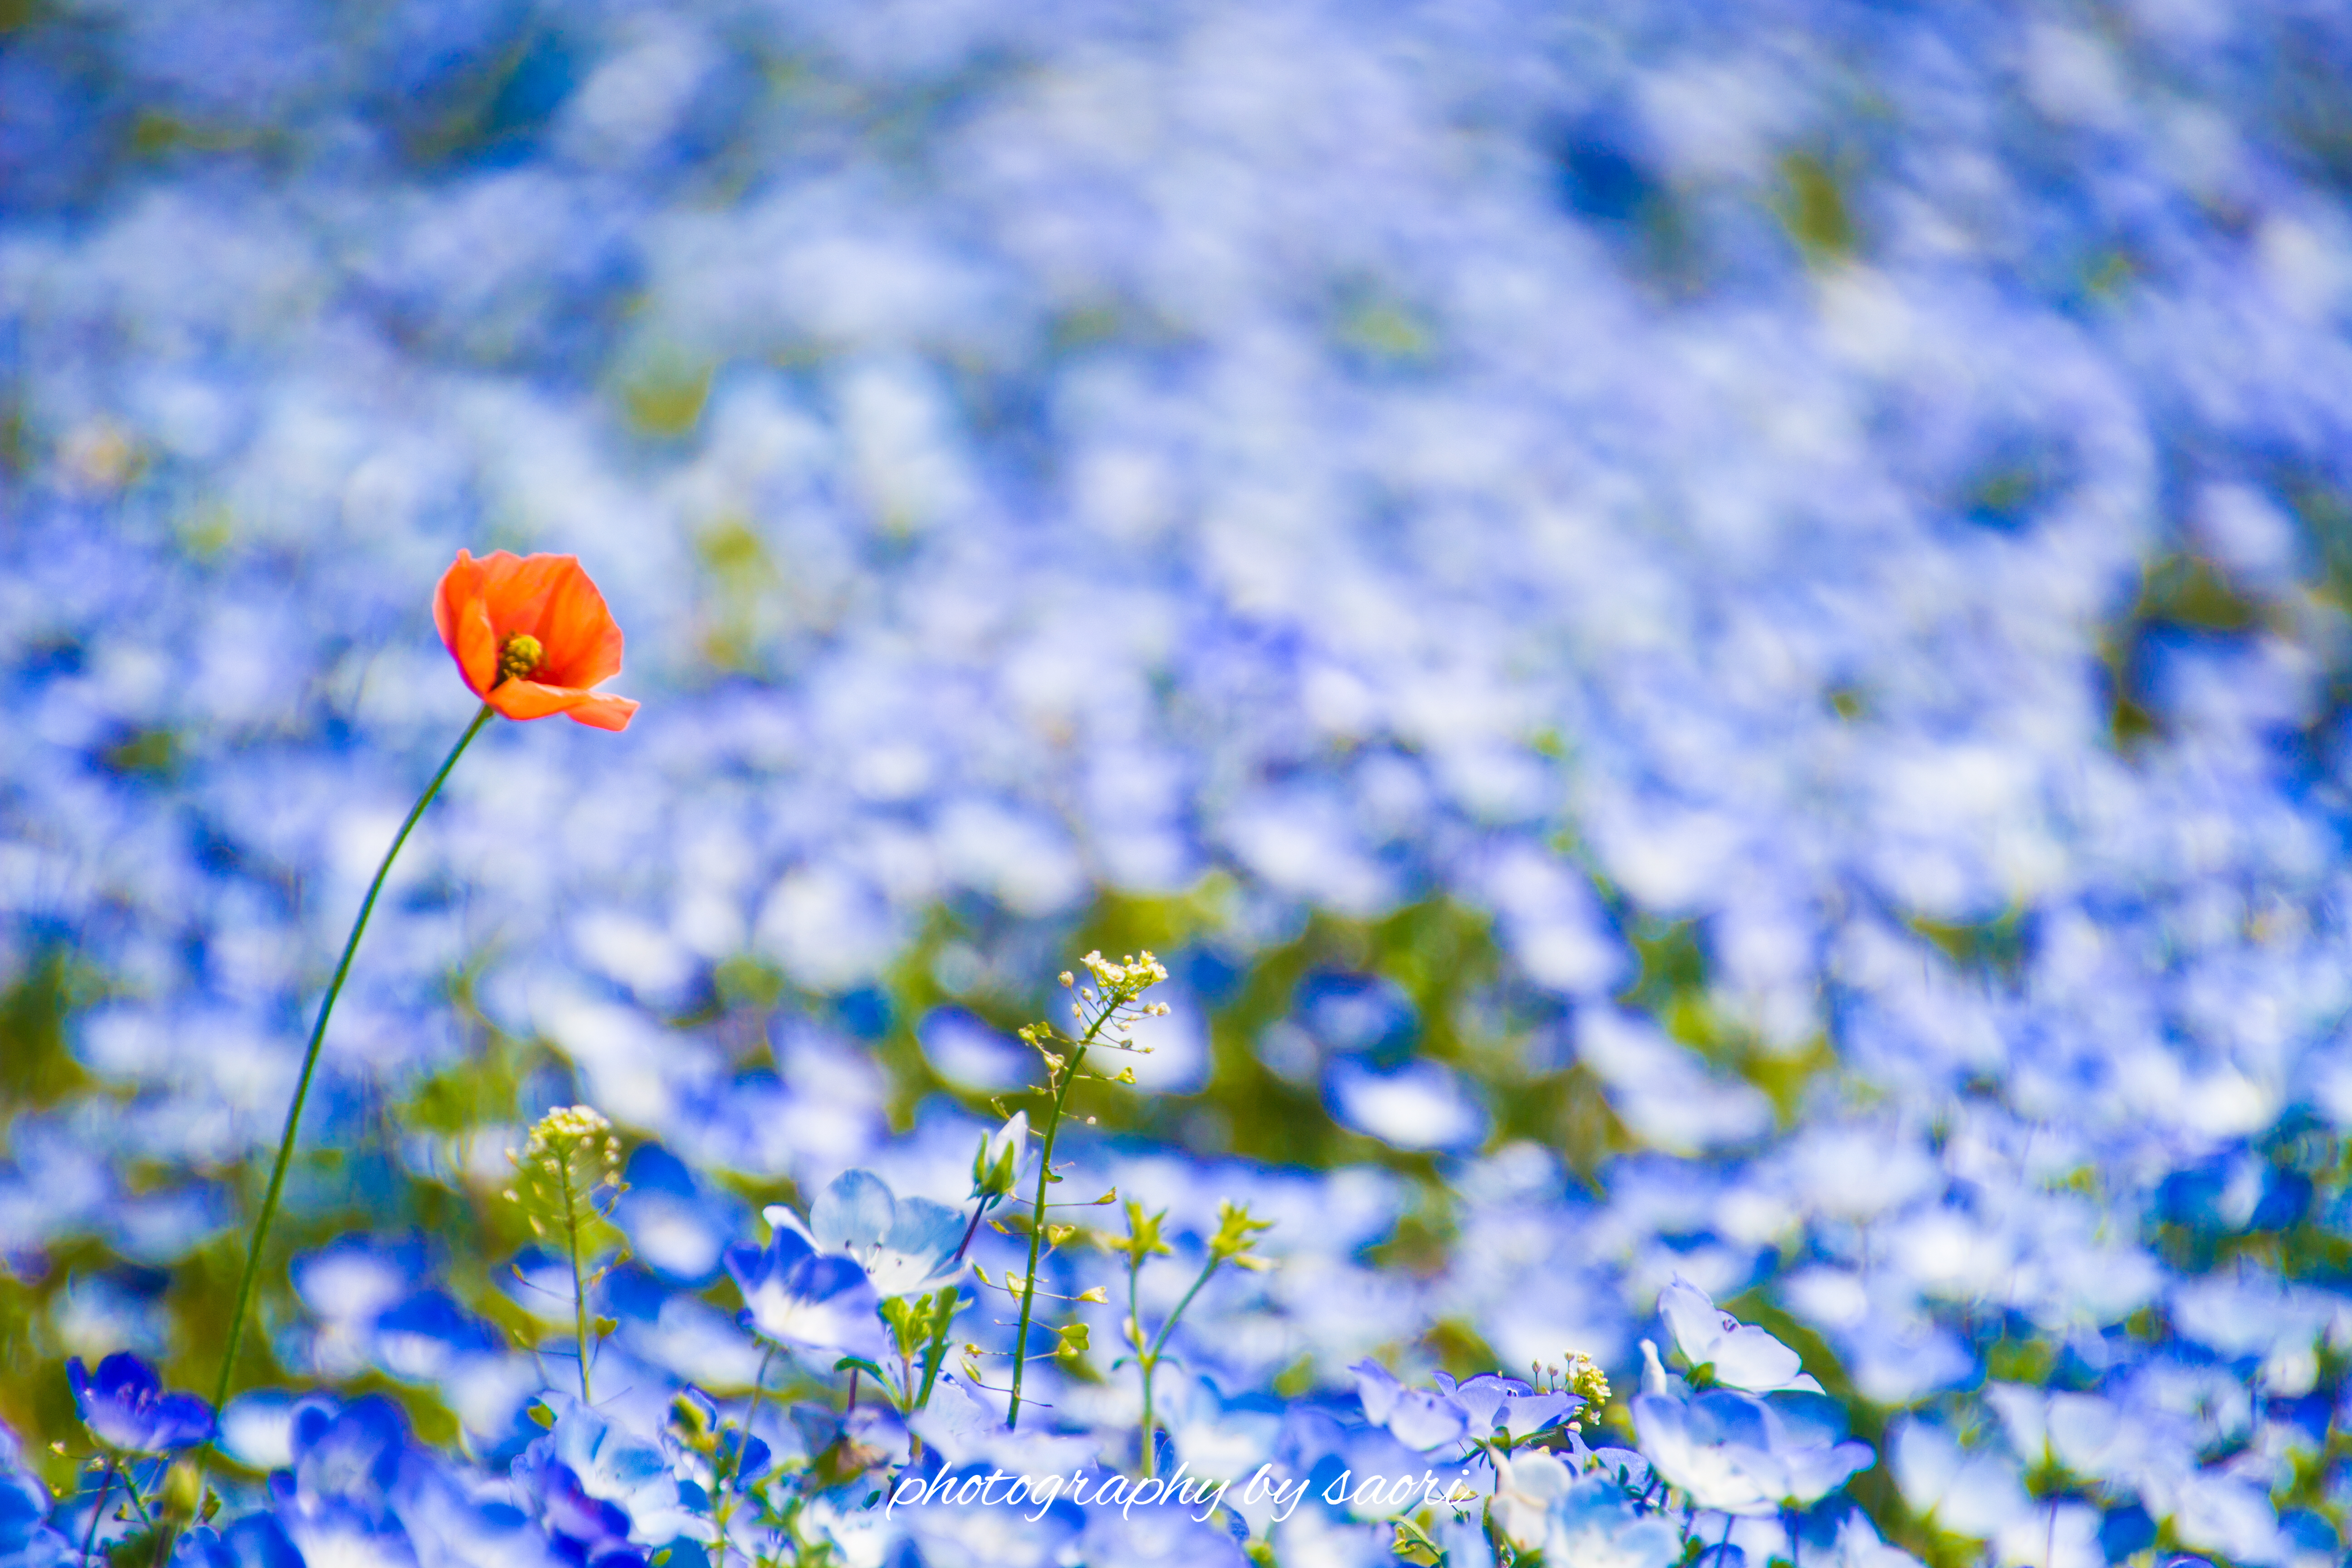 始まりの場所〜澄み渡るネモフィラブルーに咲く一輪の朱花